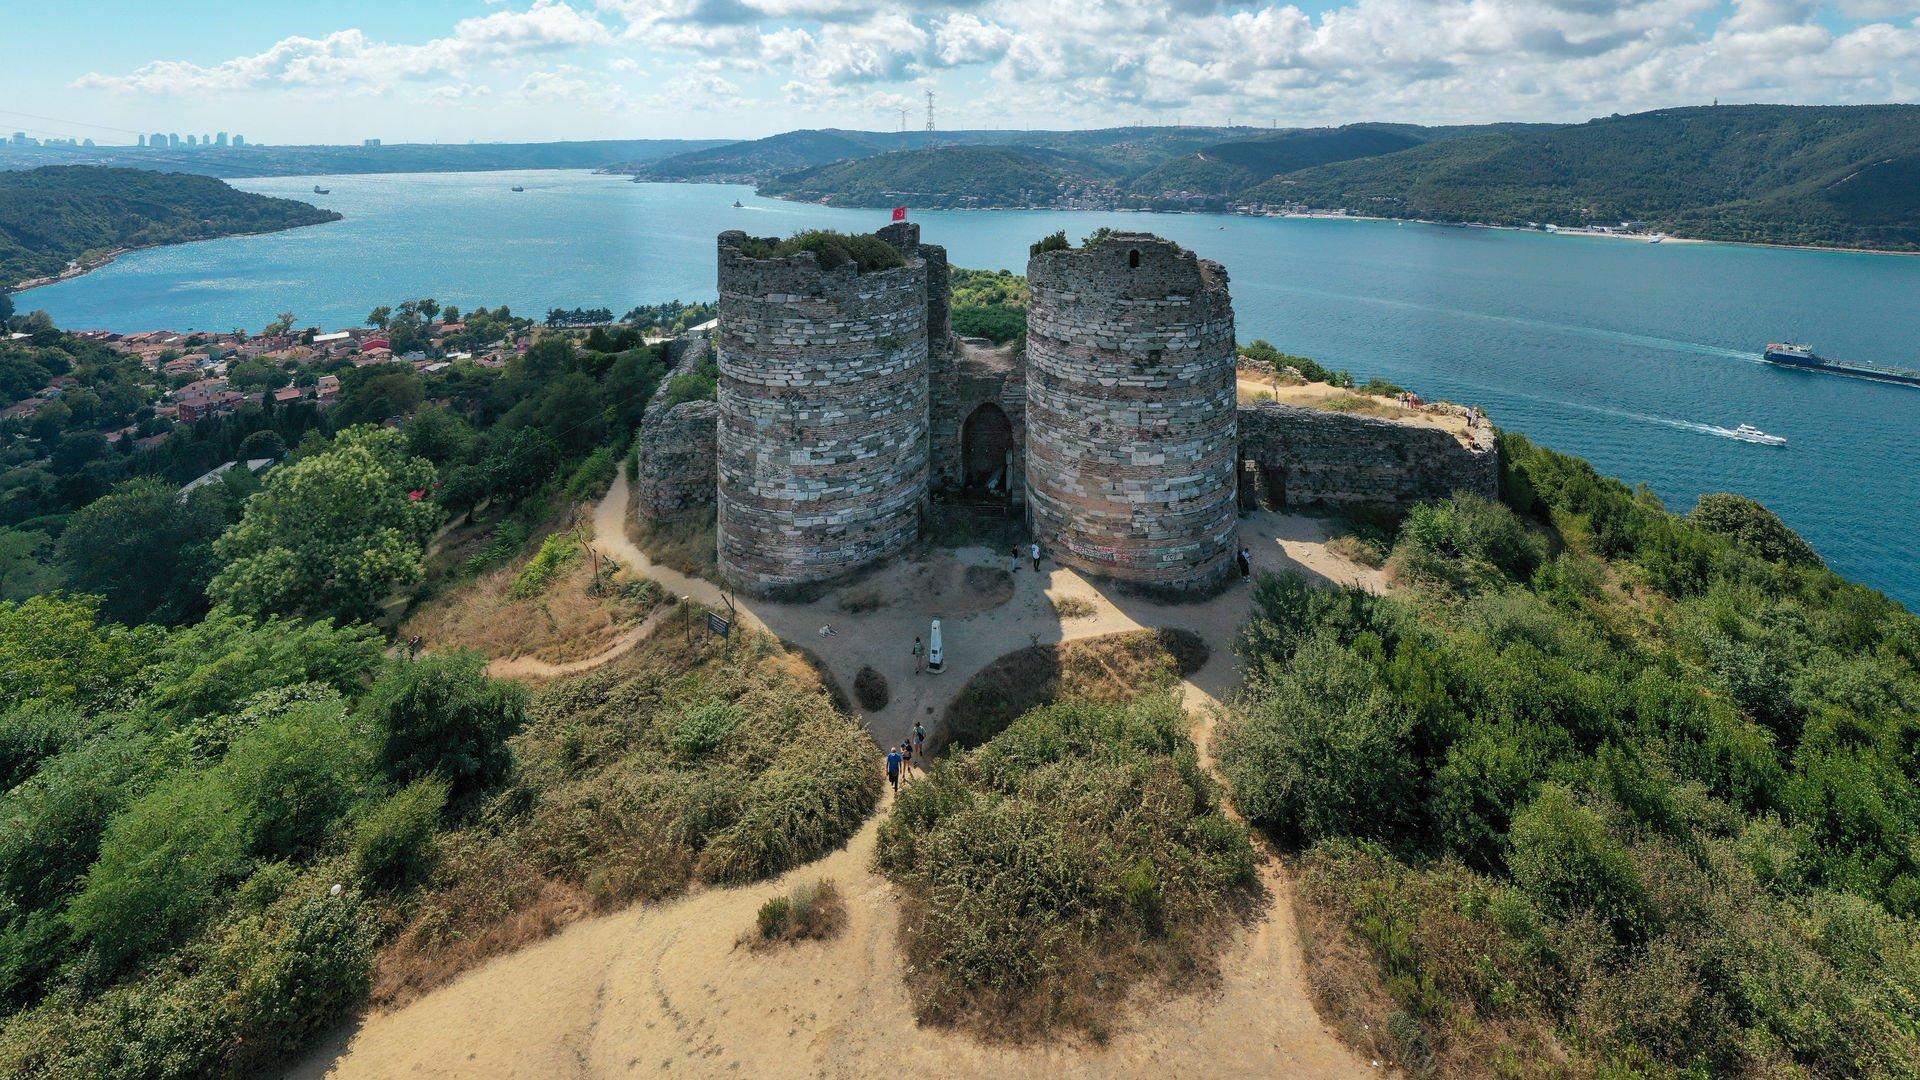 Kültürel ve doğal miraslarımız XIV (Ceneviz Ticaret Yolu'nda Akdeniz'den Karadeniz'e Kadar Kale ve Surlu Yer